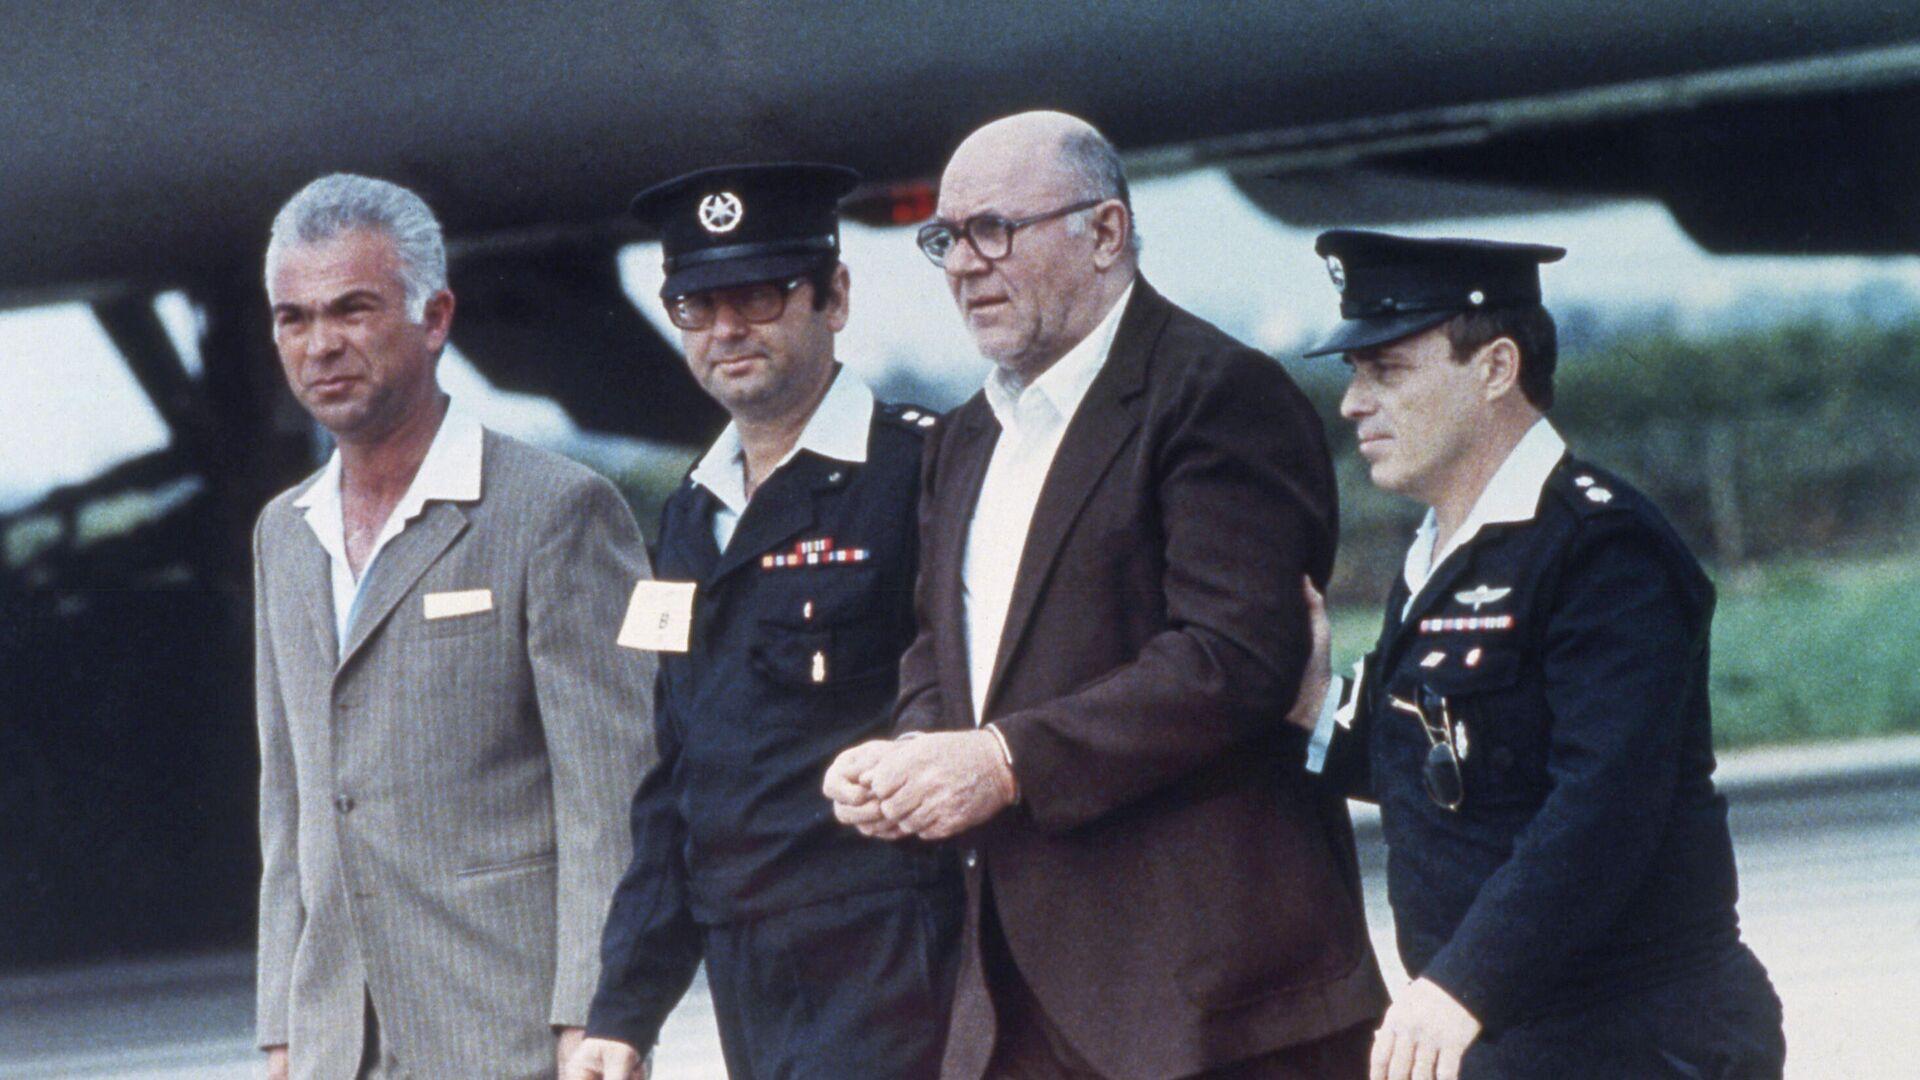 John Demjanjuk aterriza en el aeropuerto de Tel Aviv (Israel) en 1986 - Sputnik Mundo, 1920, 16.03.2021